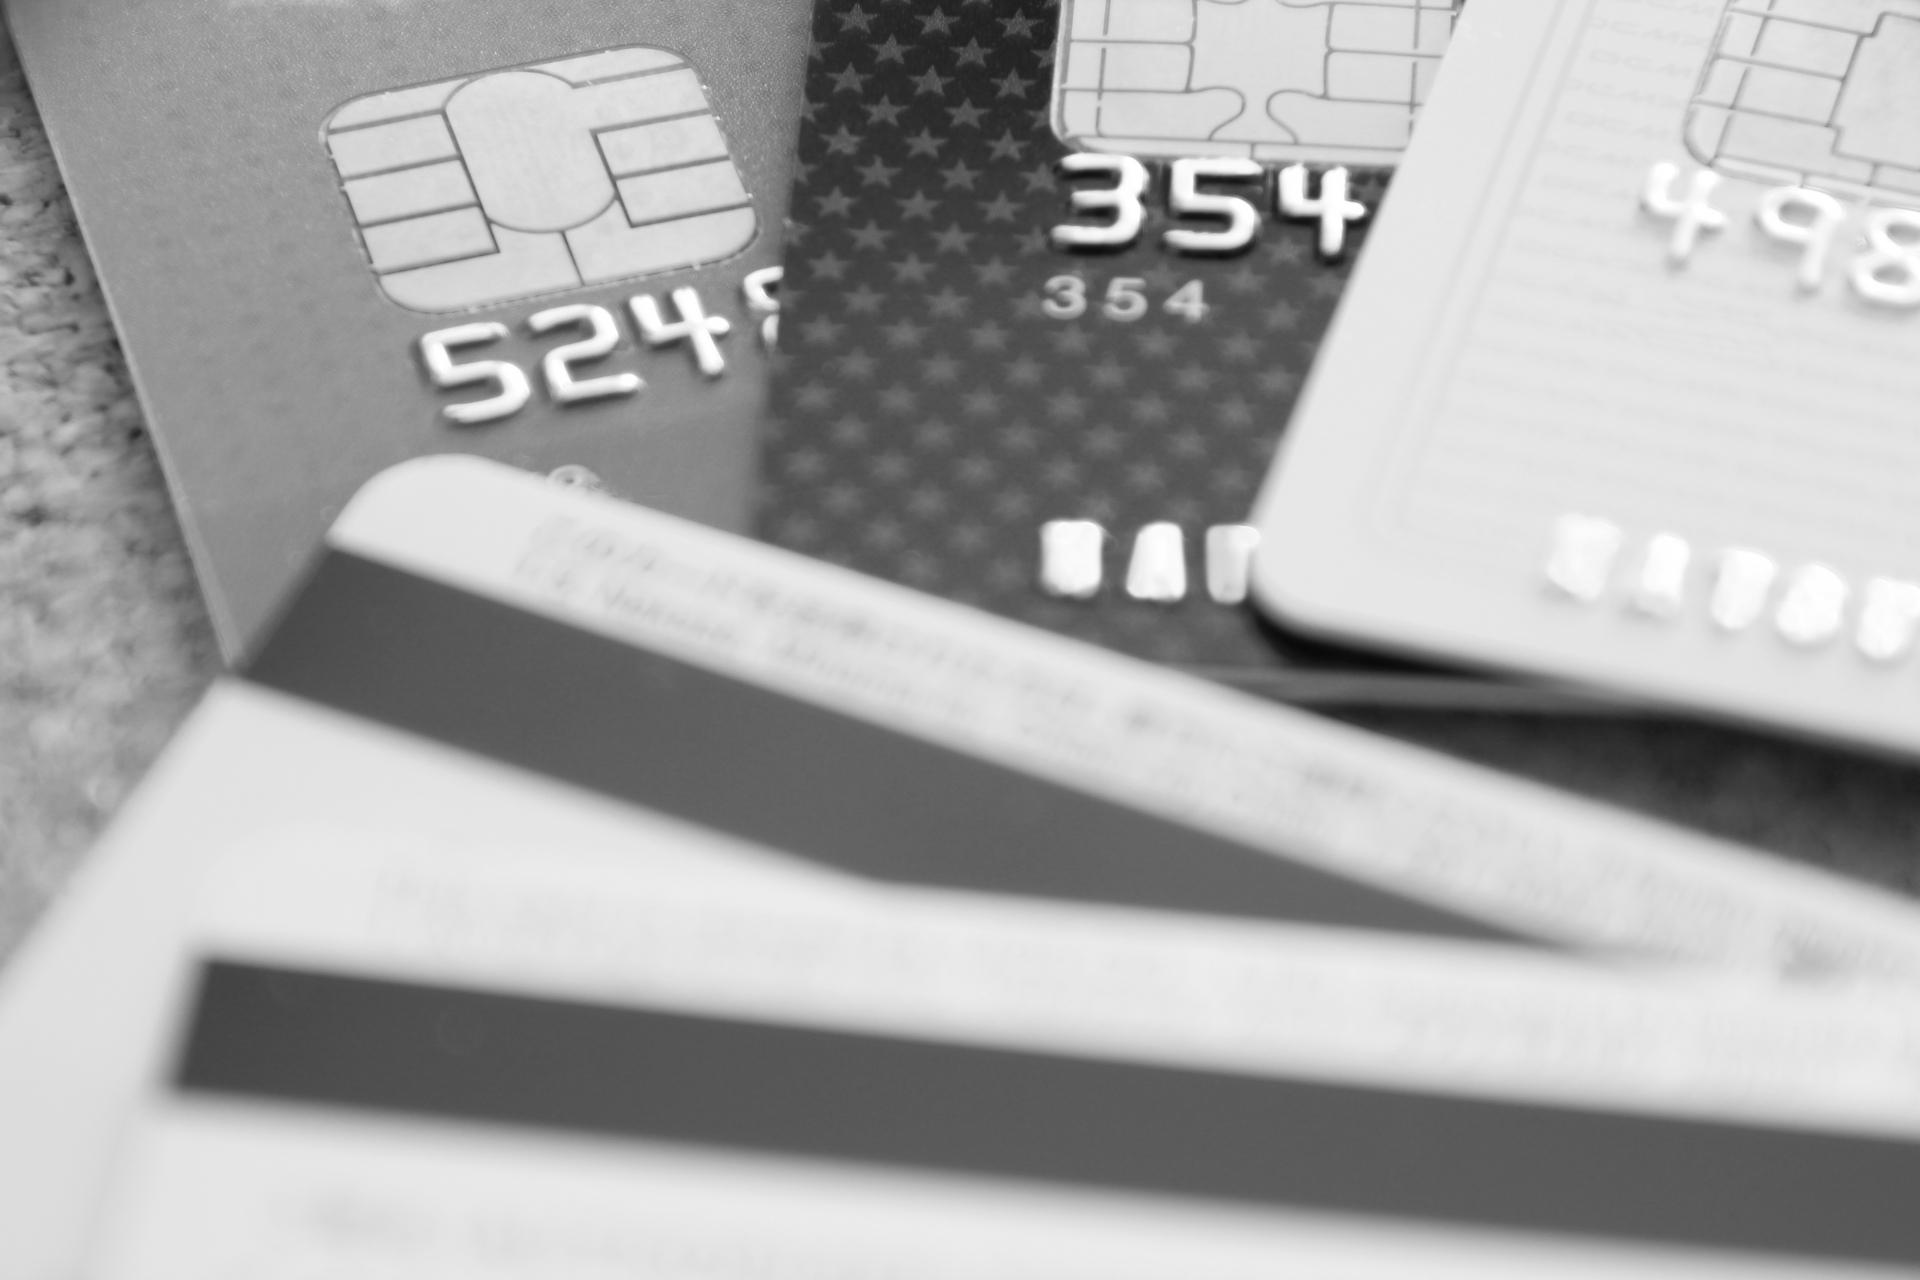 法人 クレジットカード の審査基準、会社設立後でも審査は通るのか